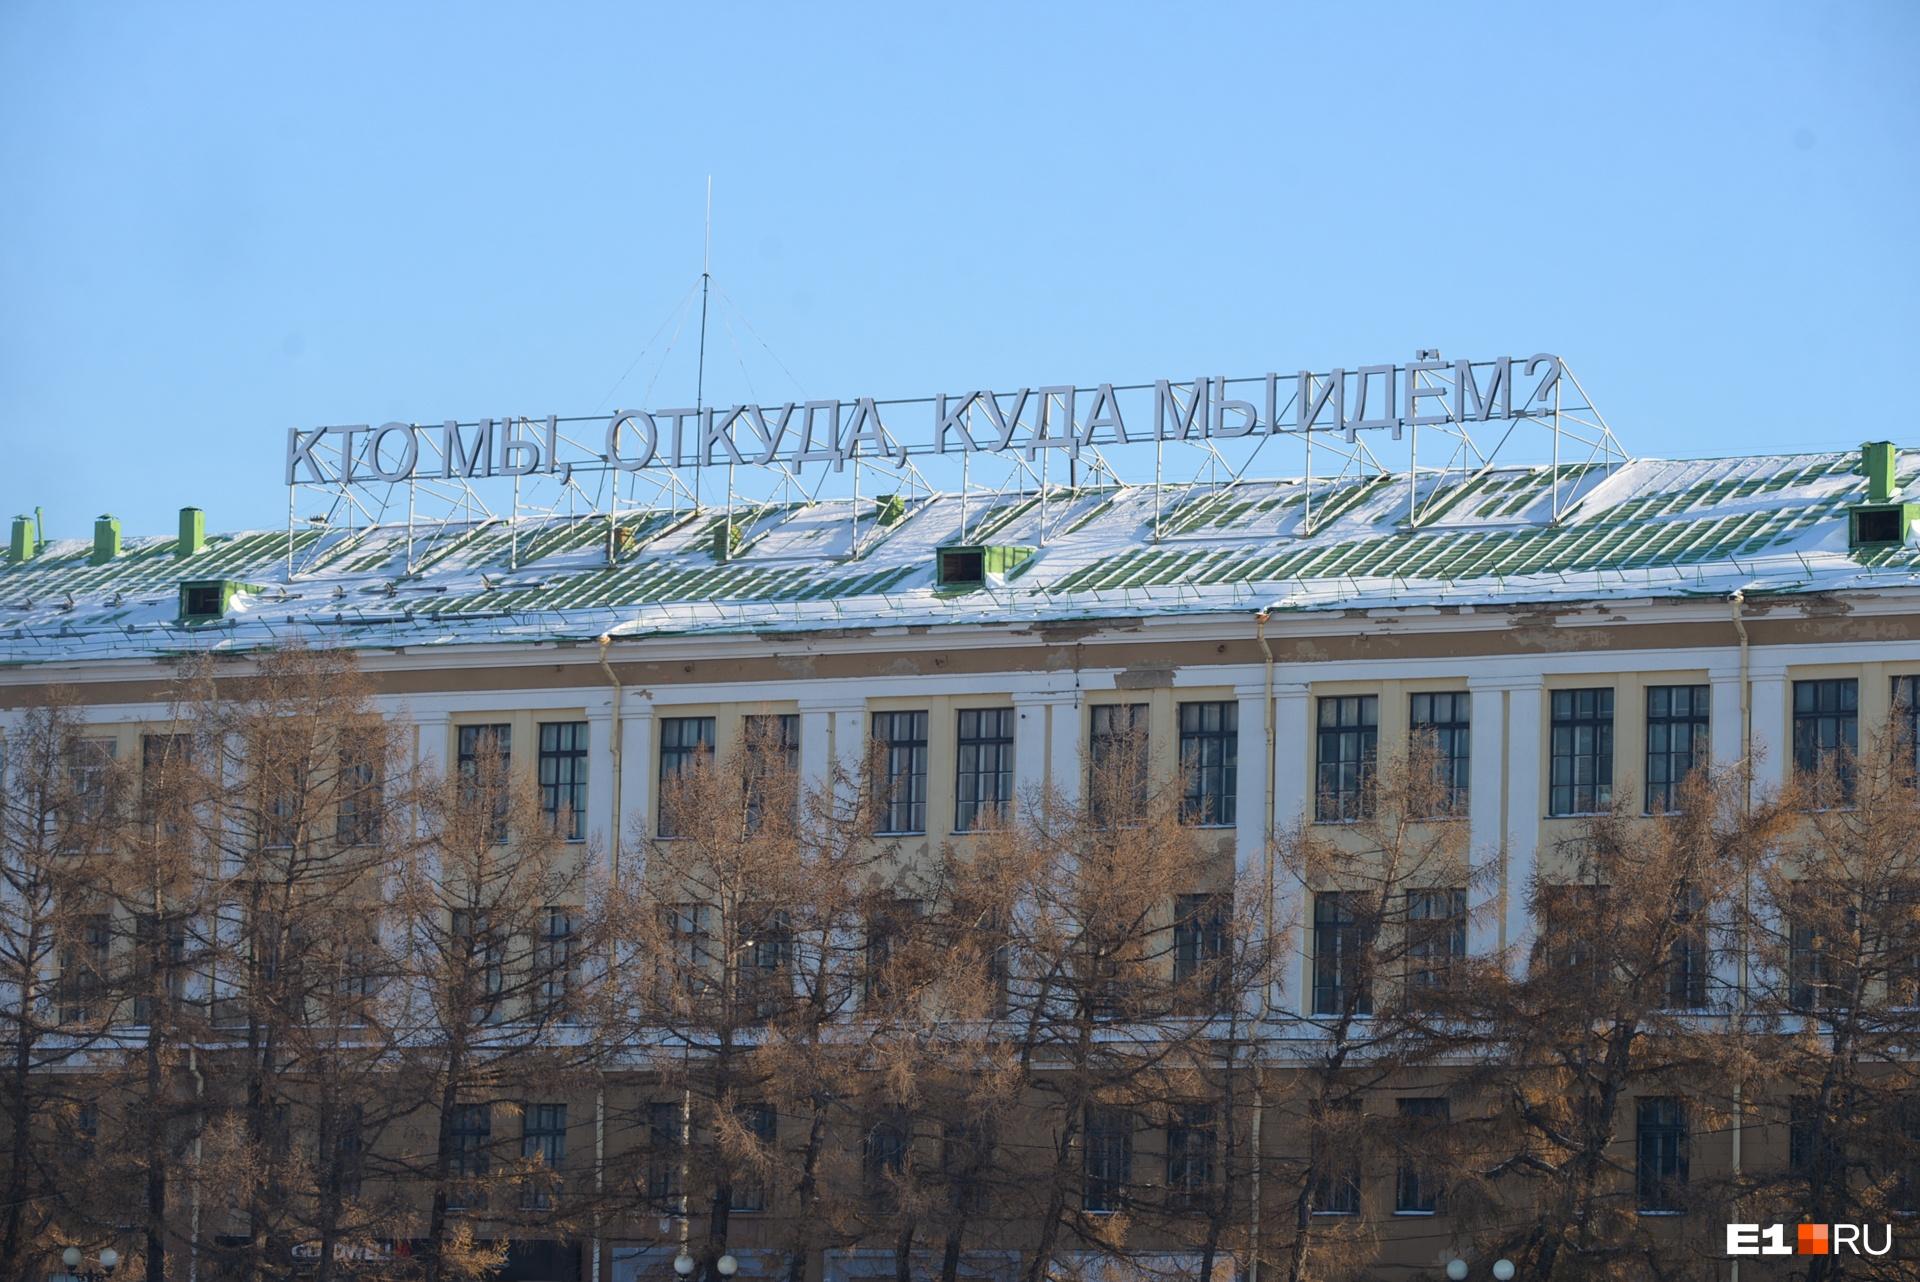 """Надпись «Кто мы, откуда, куда мы идем?» осталась после биеннале современного искусства, <a href=""""https://www.e1.ru/news/spool/news_id-481990.html"""" target=""""_blank"""" class=""""_"""">которую провели в здании завода</a>"""